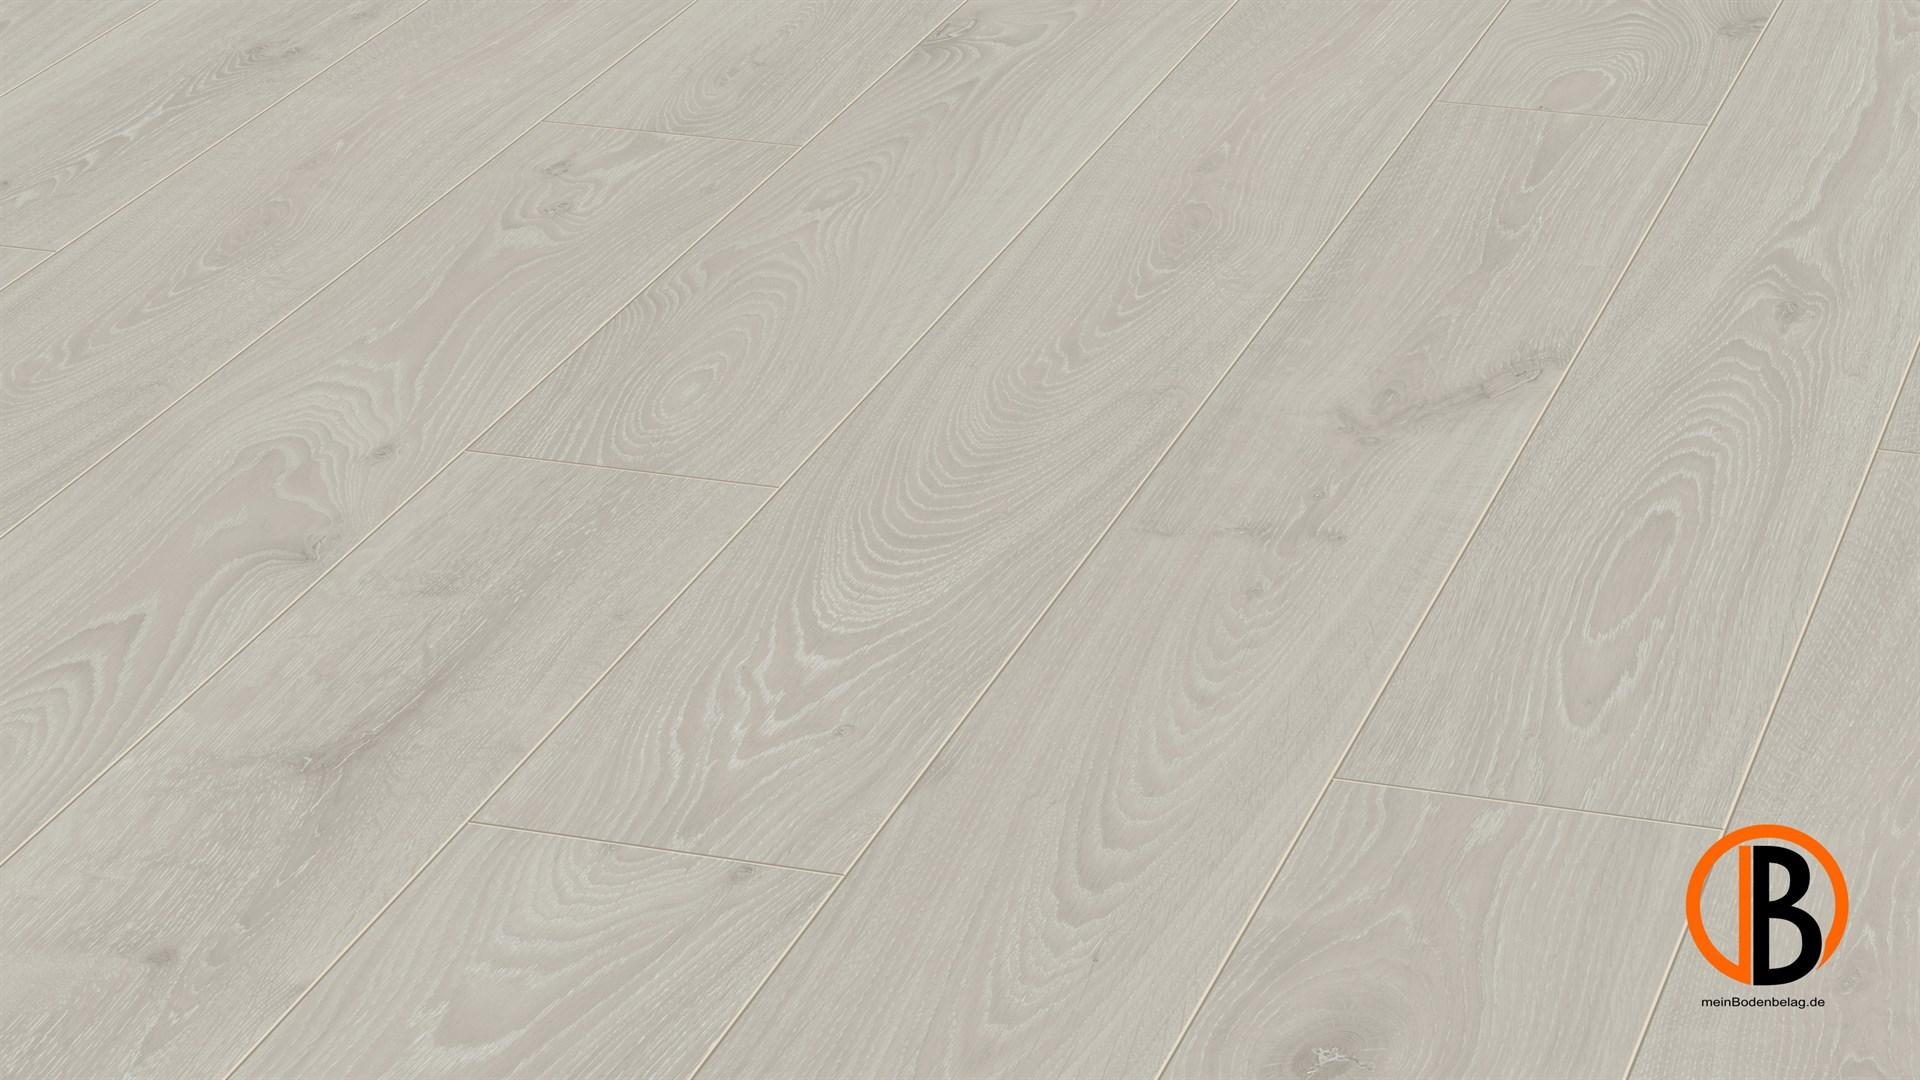 CINQUE KRONOTEX LAMINAT AMAZONE | 10003504;0 | Bild 1